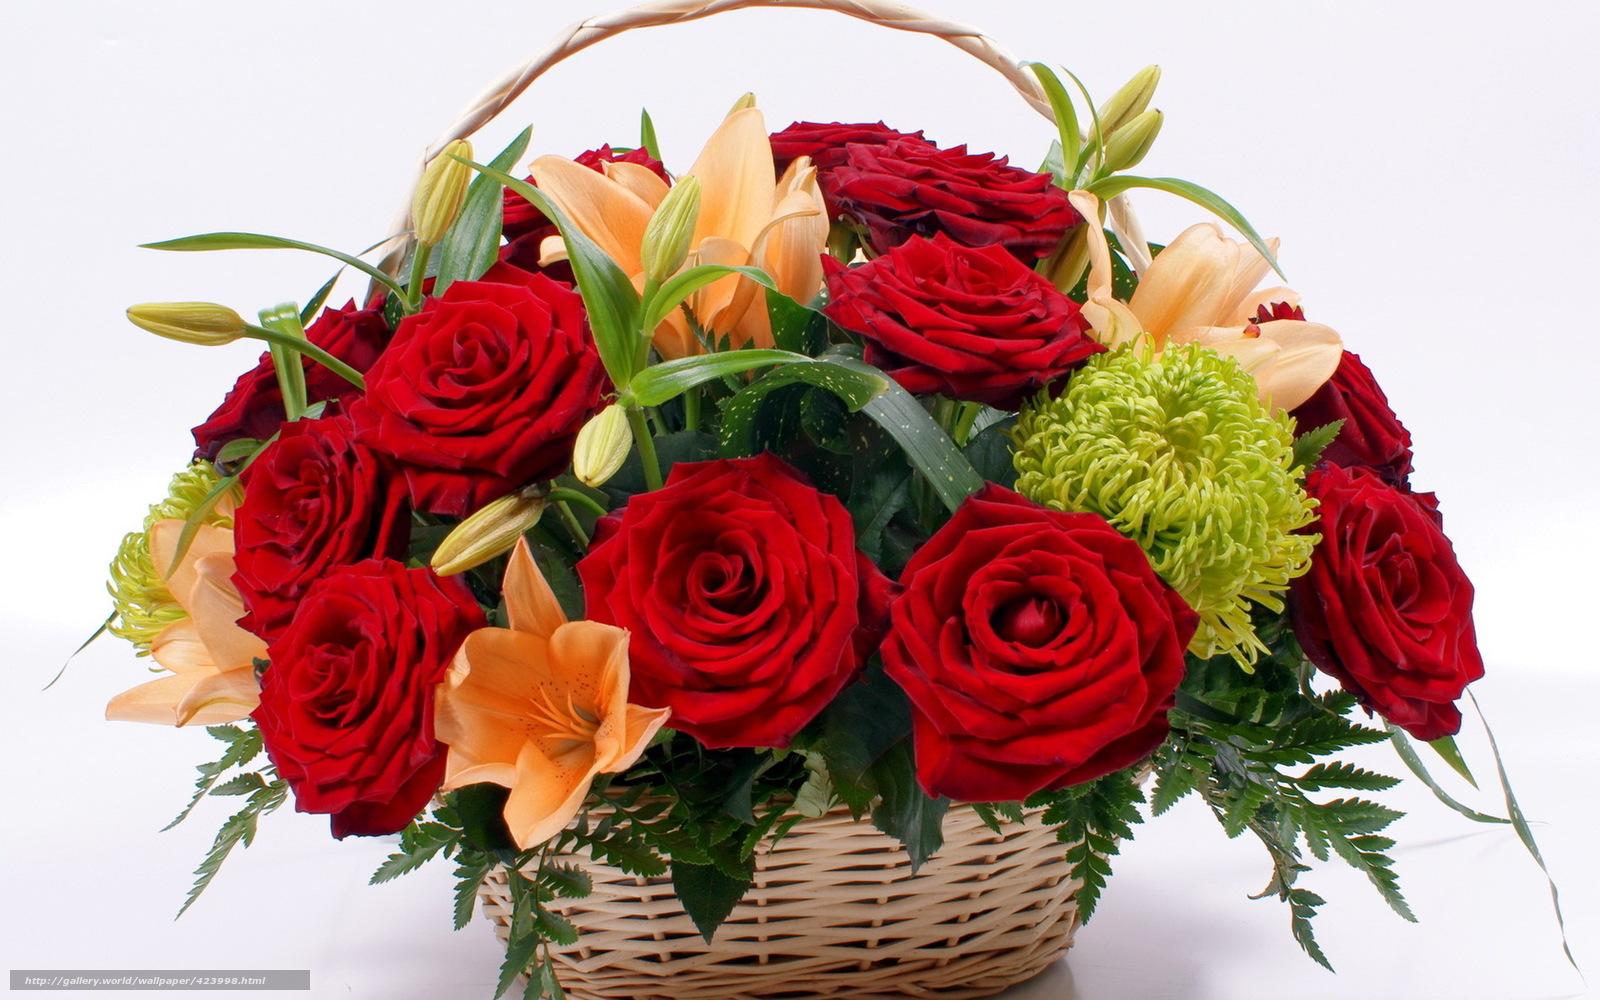 Цветы 423998 ручное изменение размера